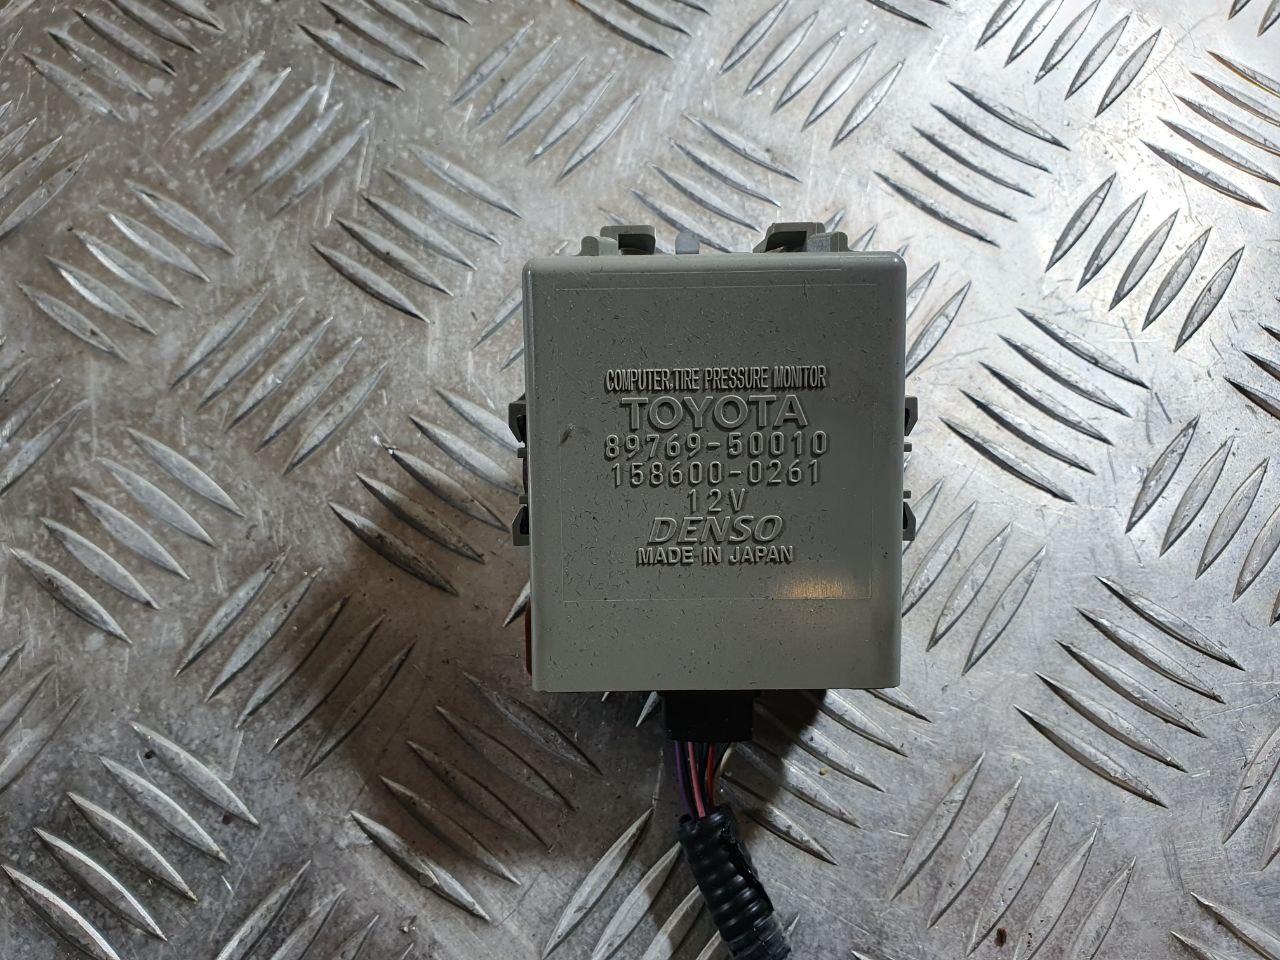 Датчик давления в шине   89769-50010,89769-50011